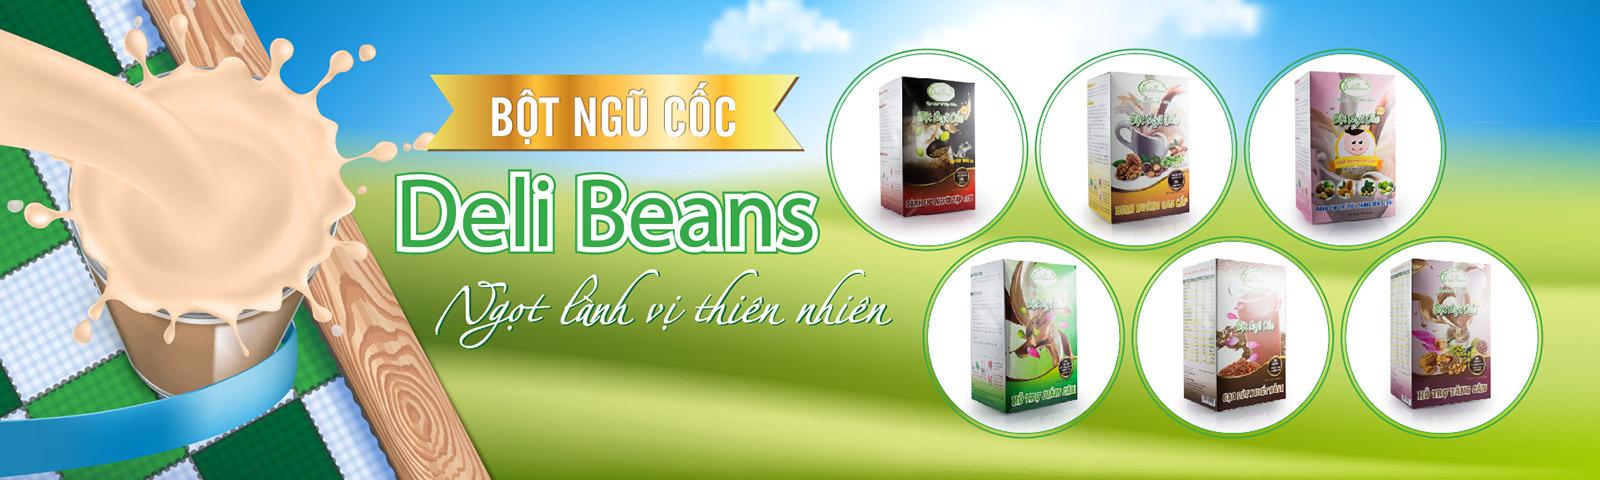 Deli Beans - Bột ngũ cốc tăng cân, giảm cân, dinh dưỡng, gym, trẻ em 9 - Deli Beans